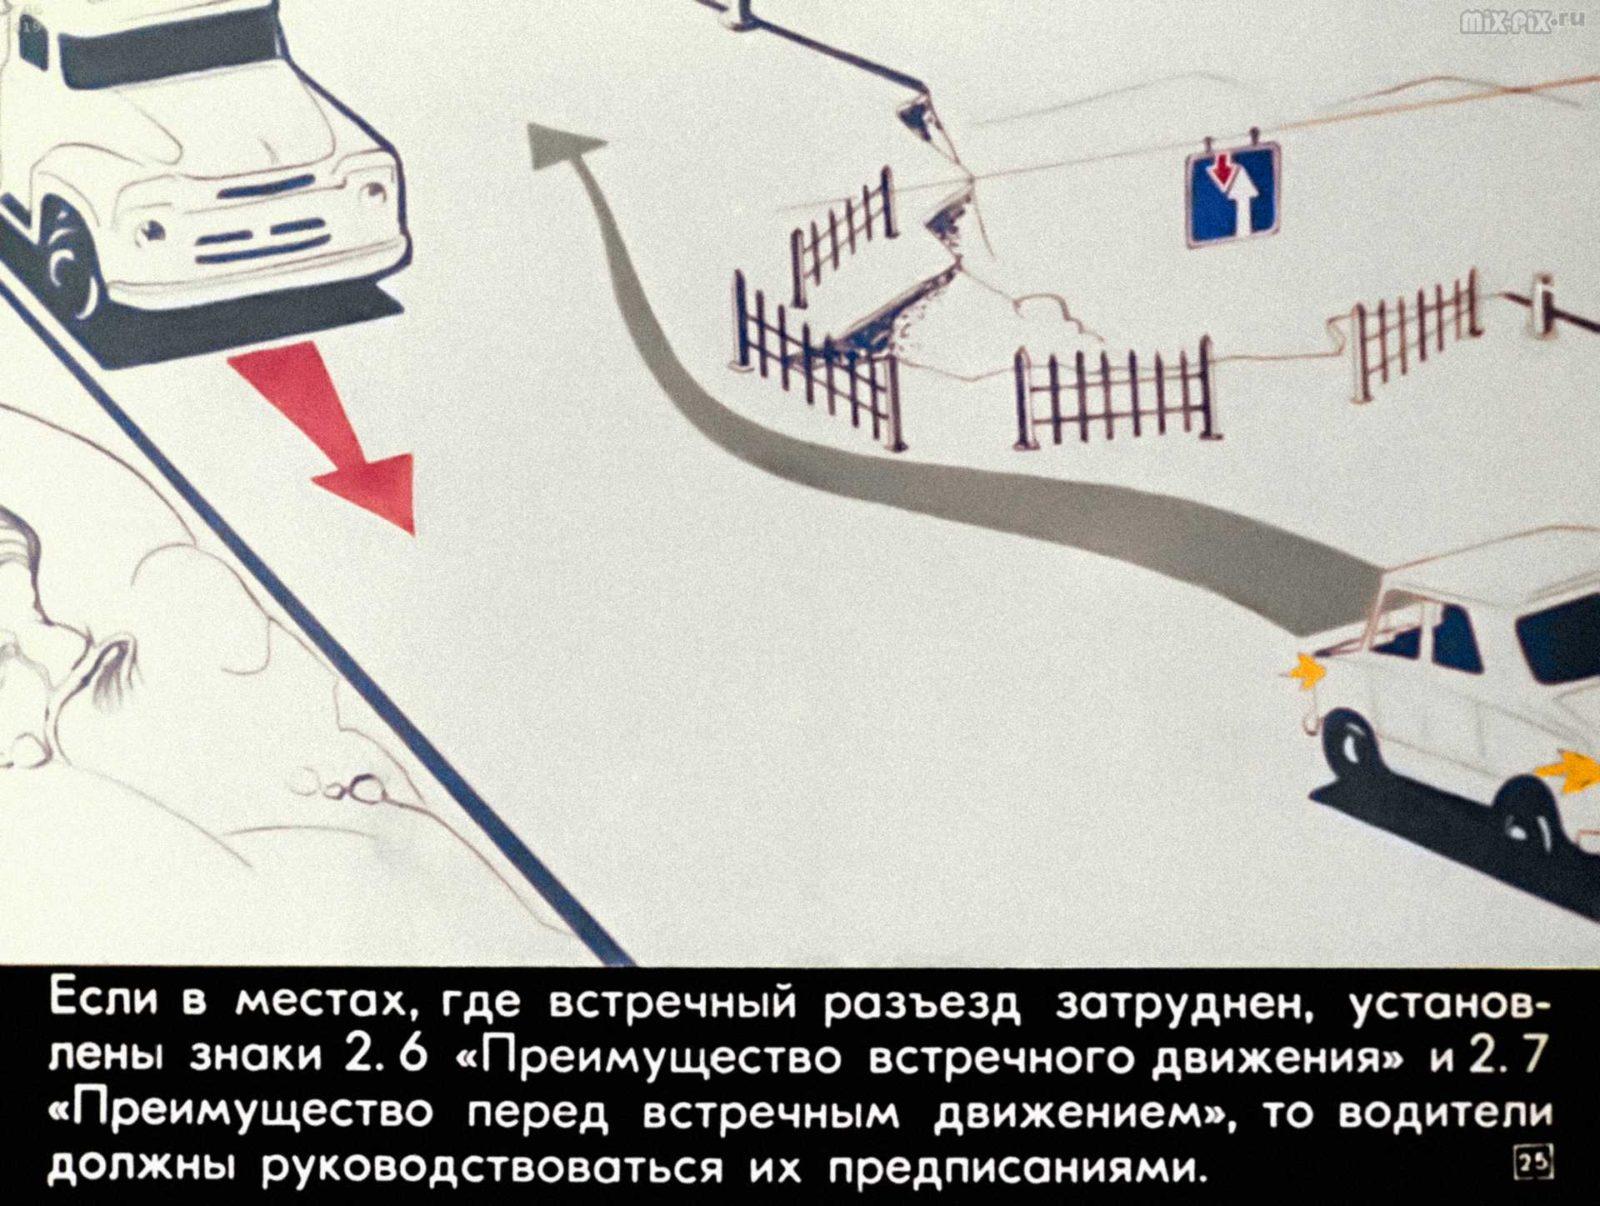 Правила дорожного движения. Расположение транспортных средств на проезжей части. Начало движения. Маневрирование (1983) 43